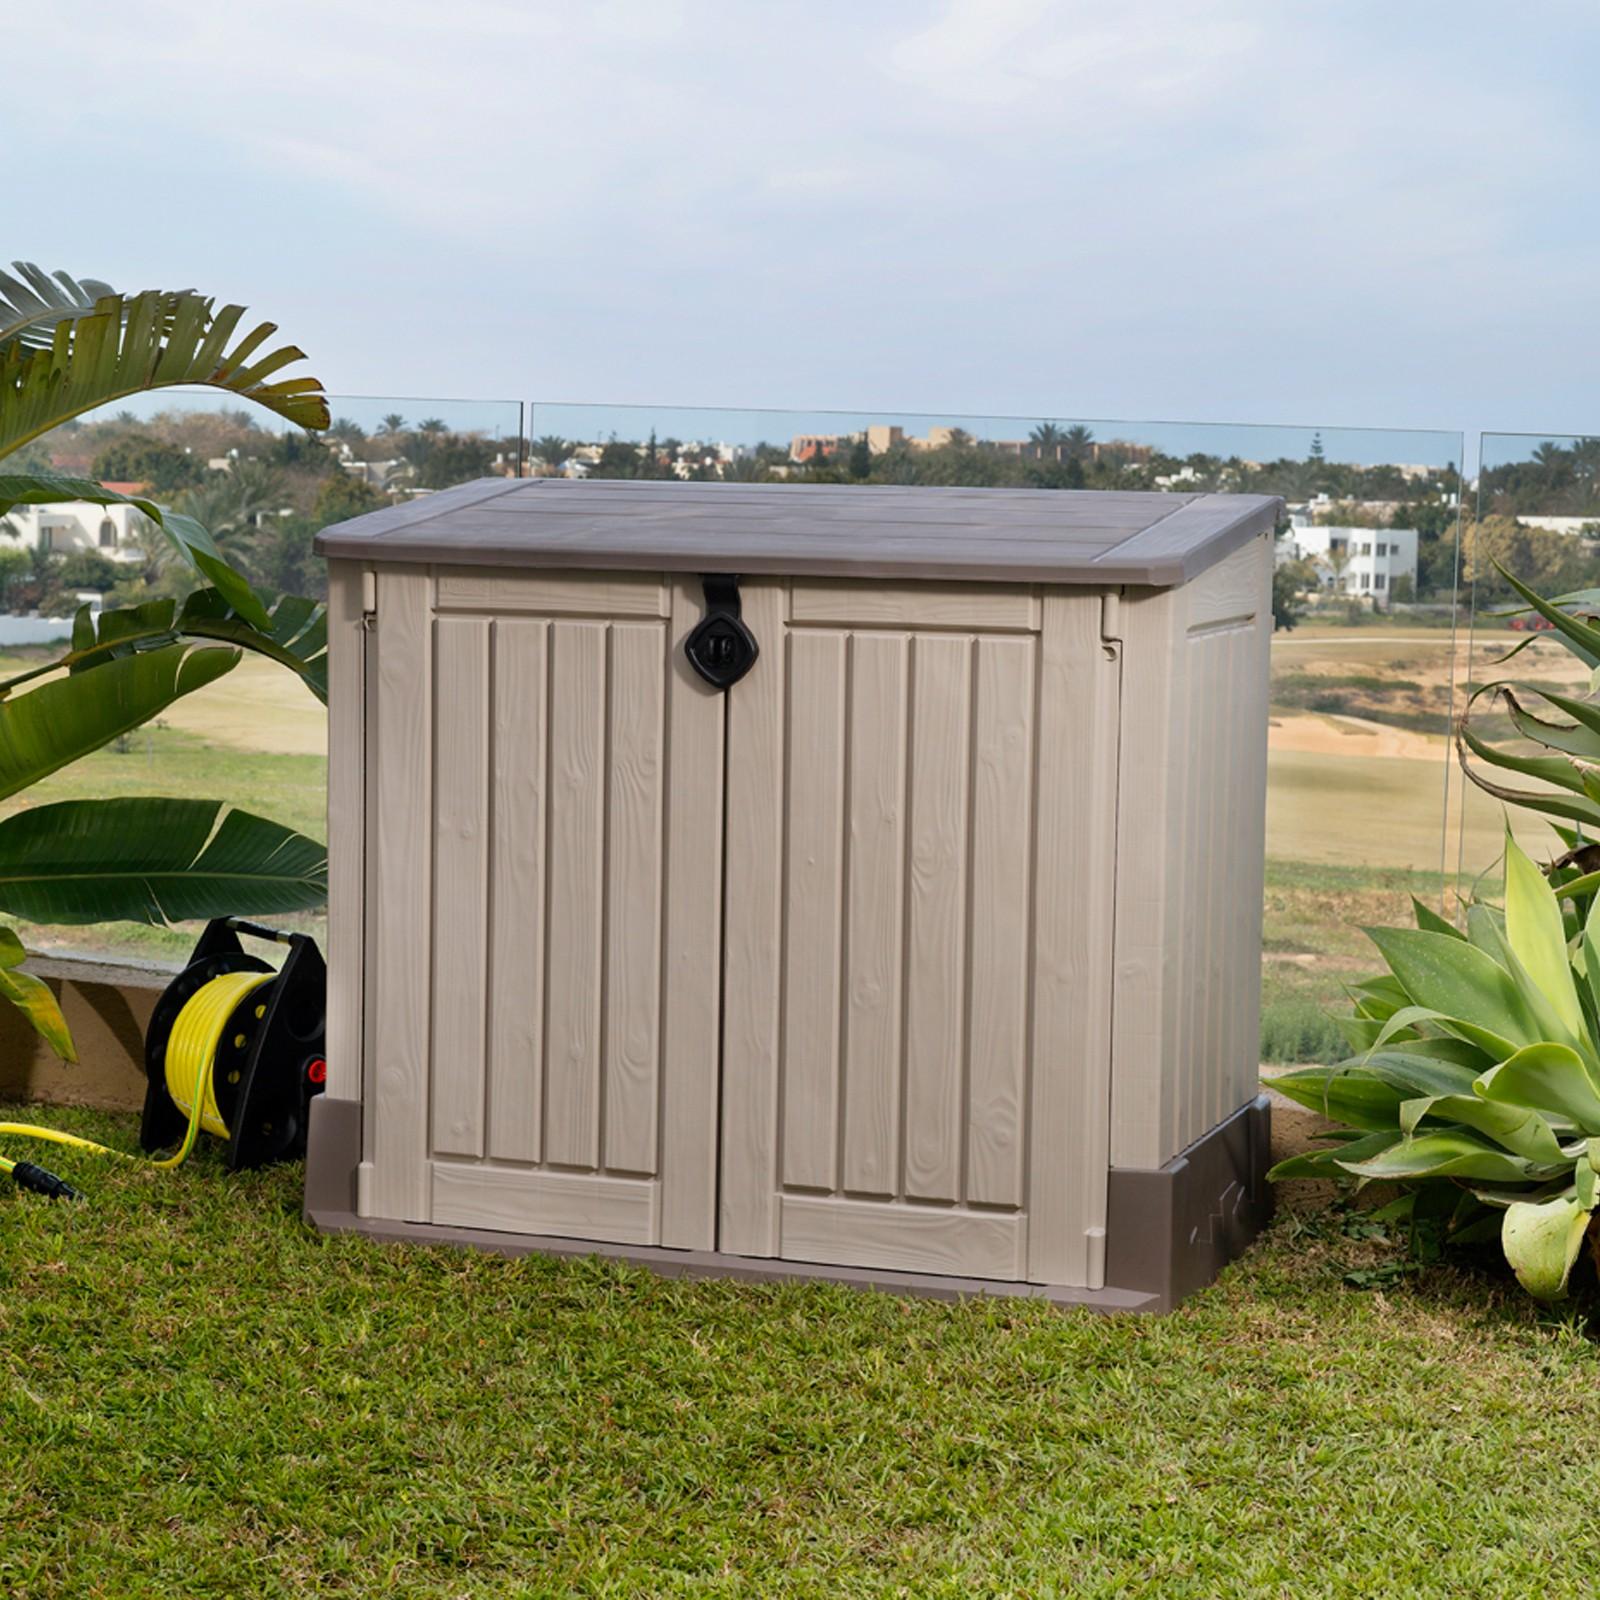 keter garten aufbewahrungsbox m lltonnenbox gartenbox. Black Bedroom Furniture Sets. Home Design Ideas